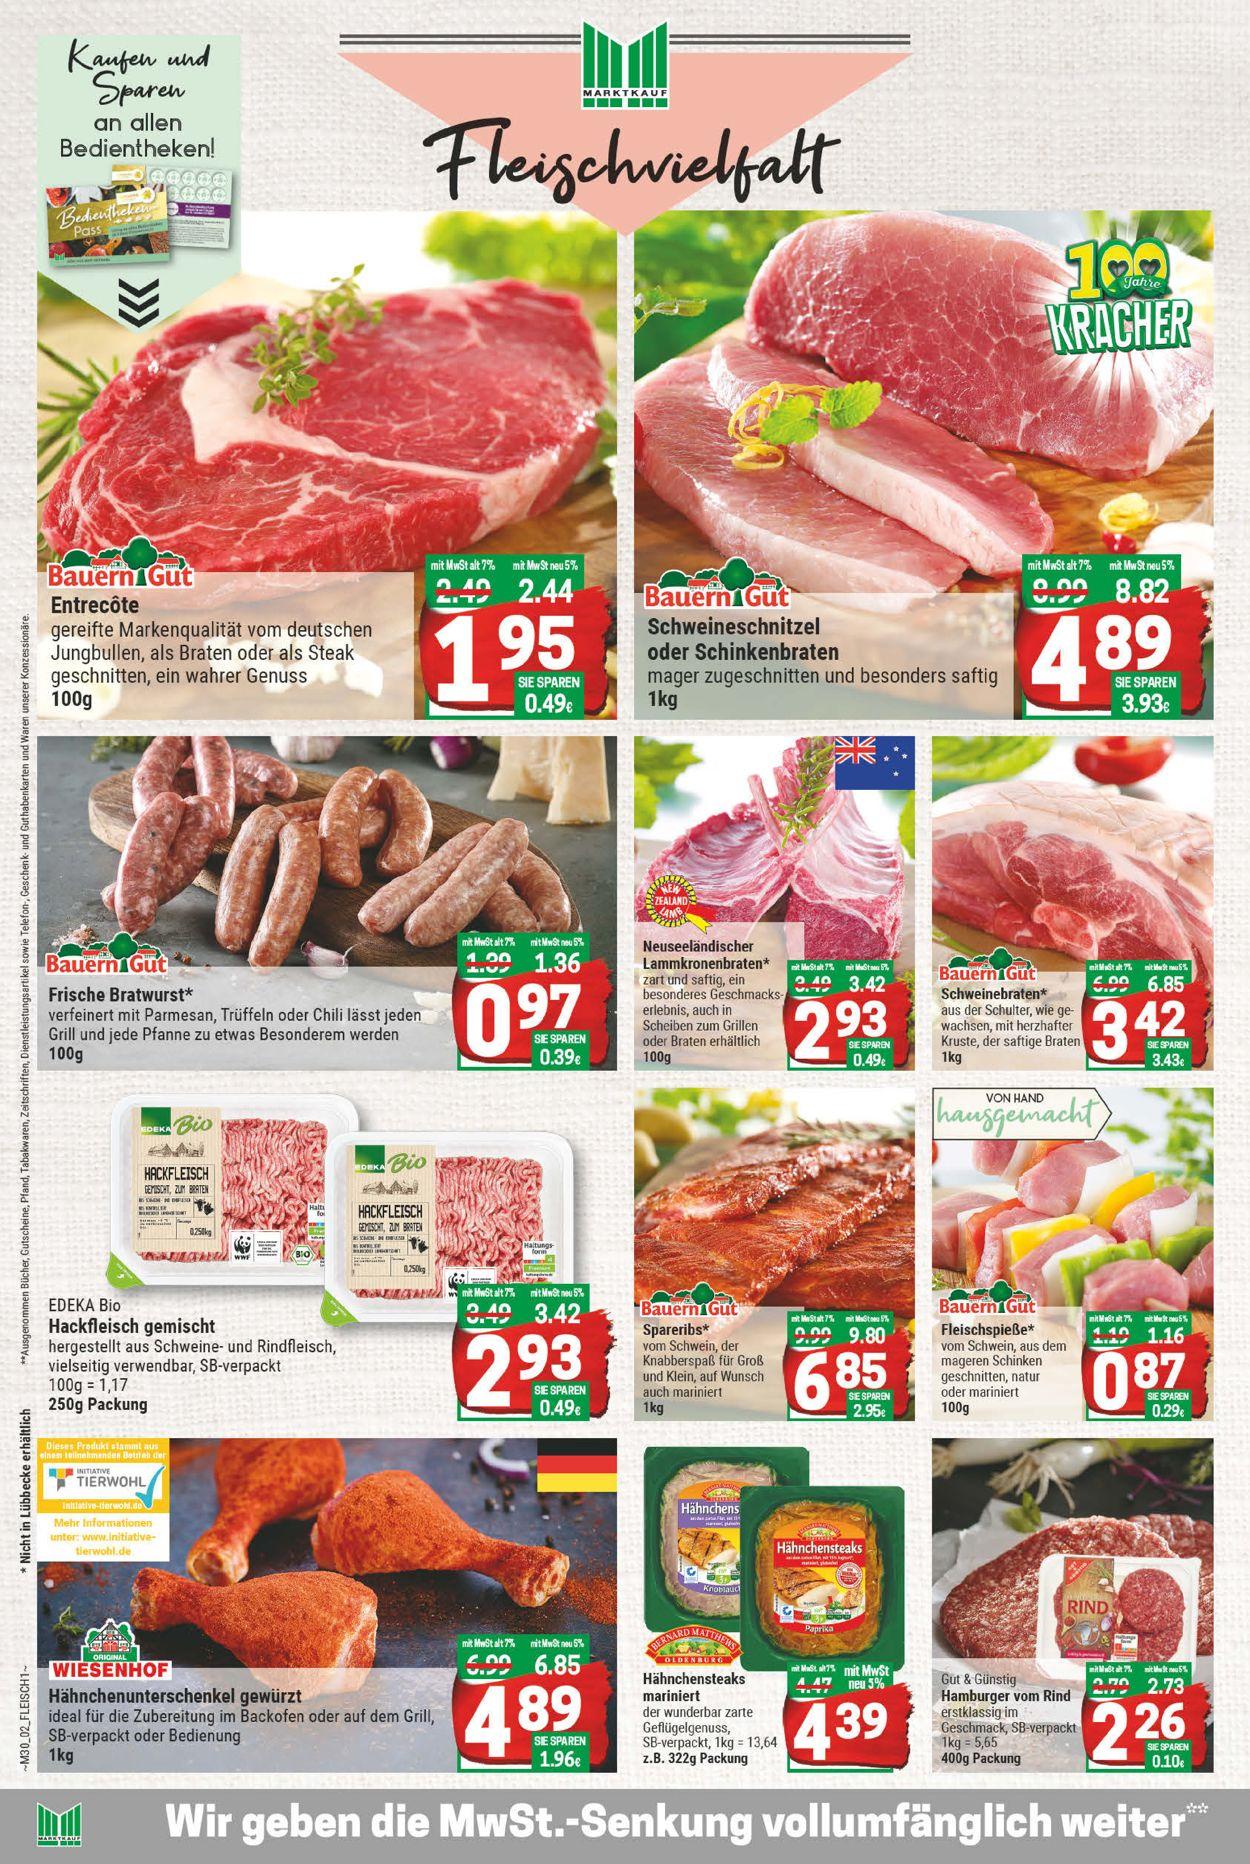 Marktkauf Prospekt - Aktuell vom 20.07-25.07.2020 (Seite 2)